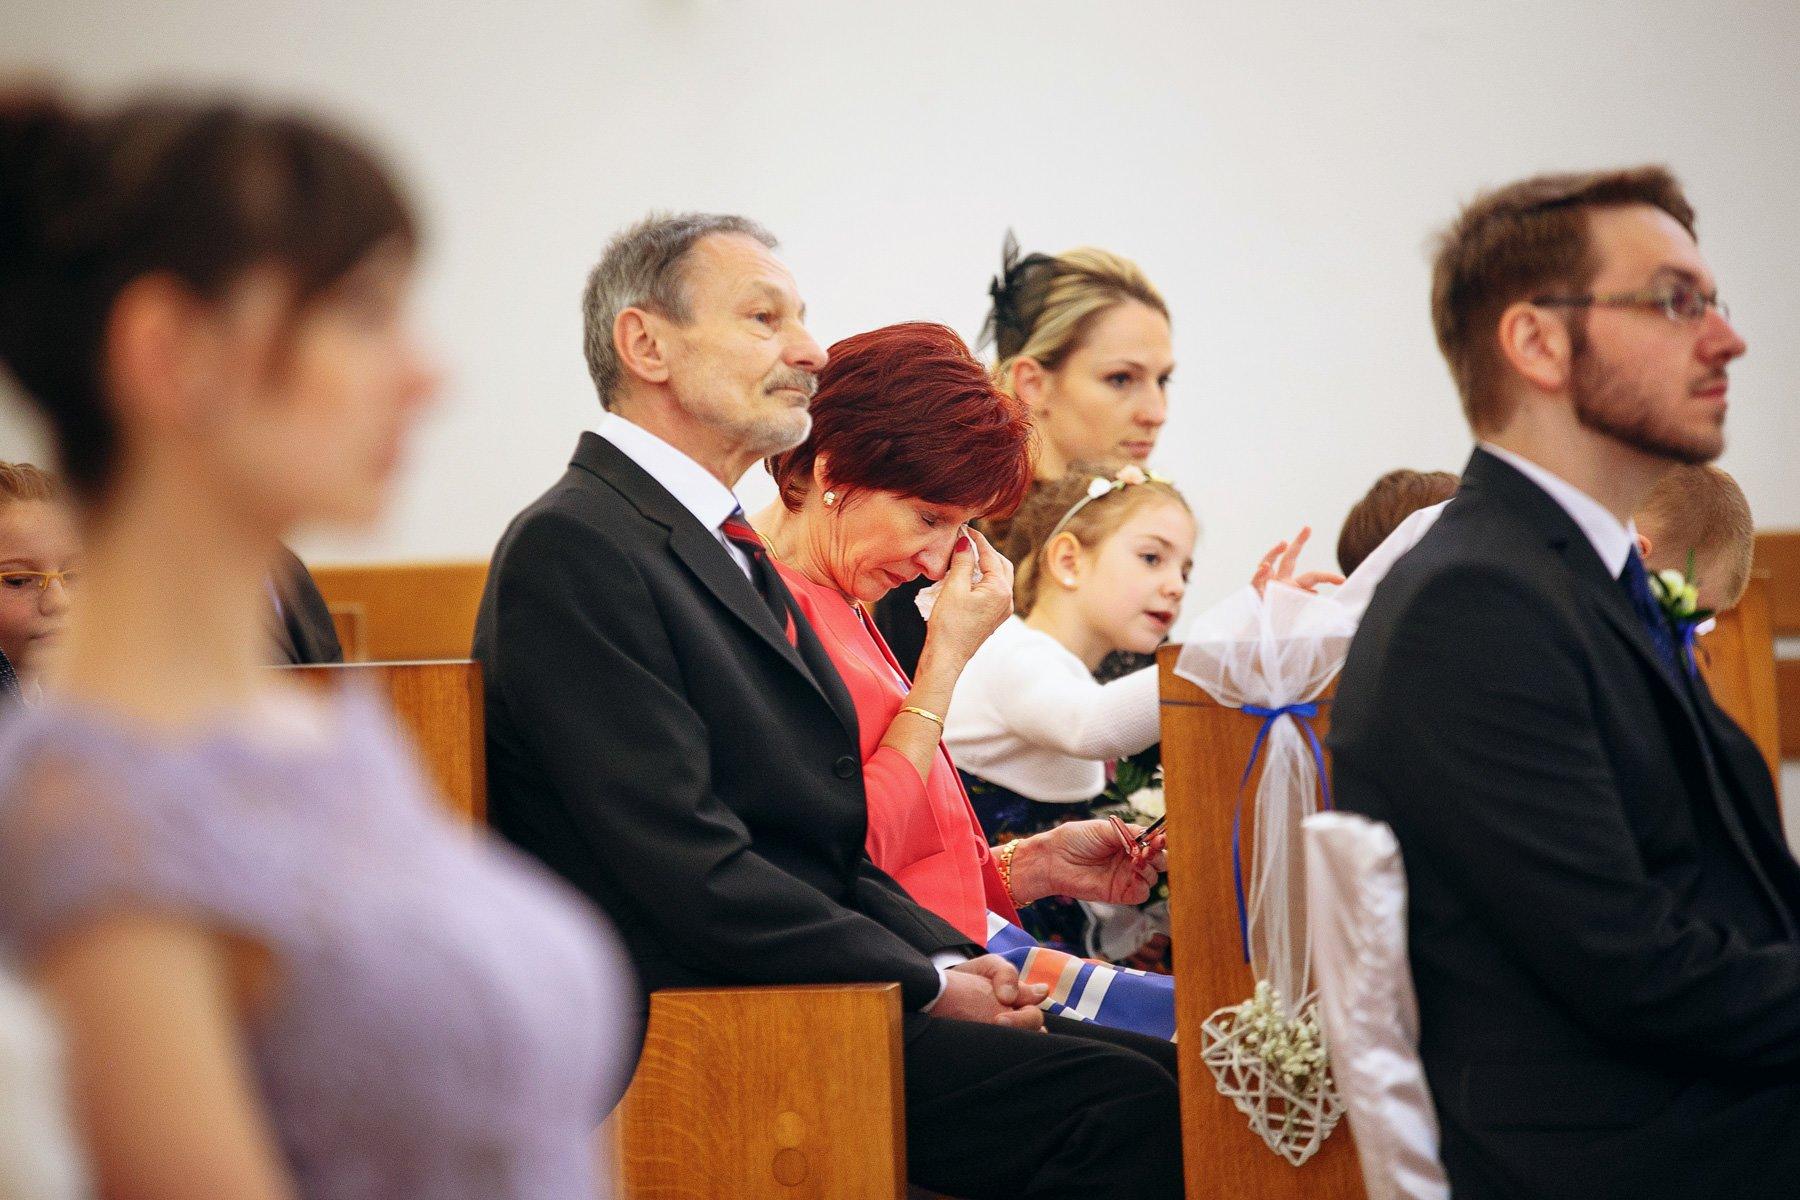 fotograf slub bielsko biala ania maciej 61 - Ślub w Bielsku-Białej - ANIA & MACIEJ